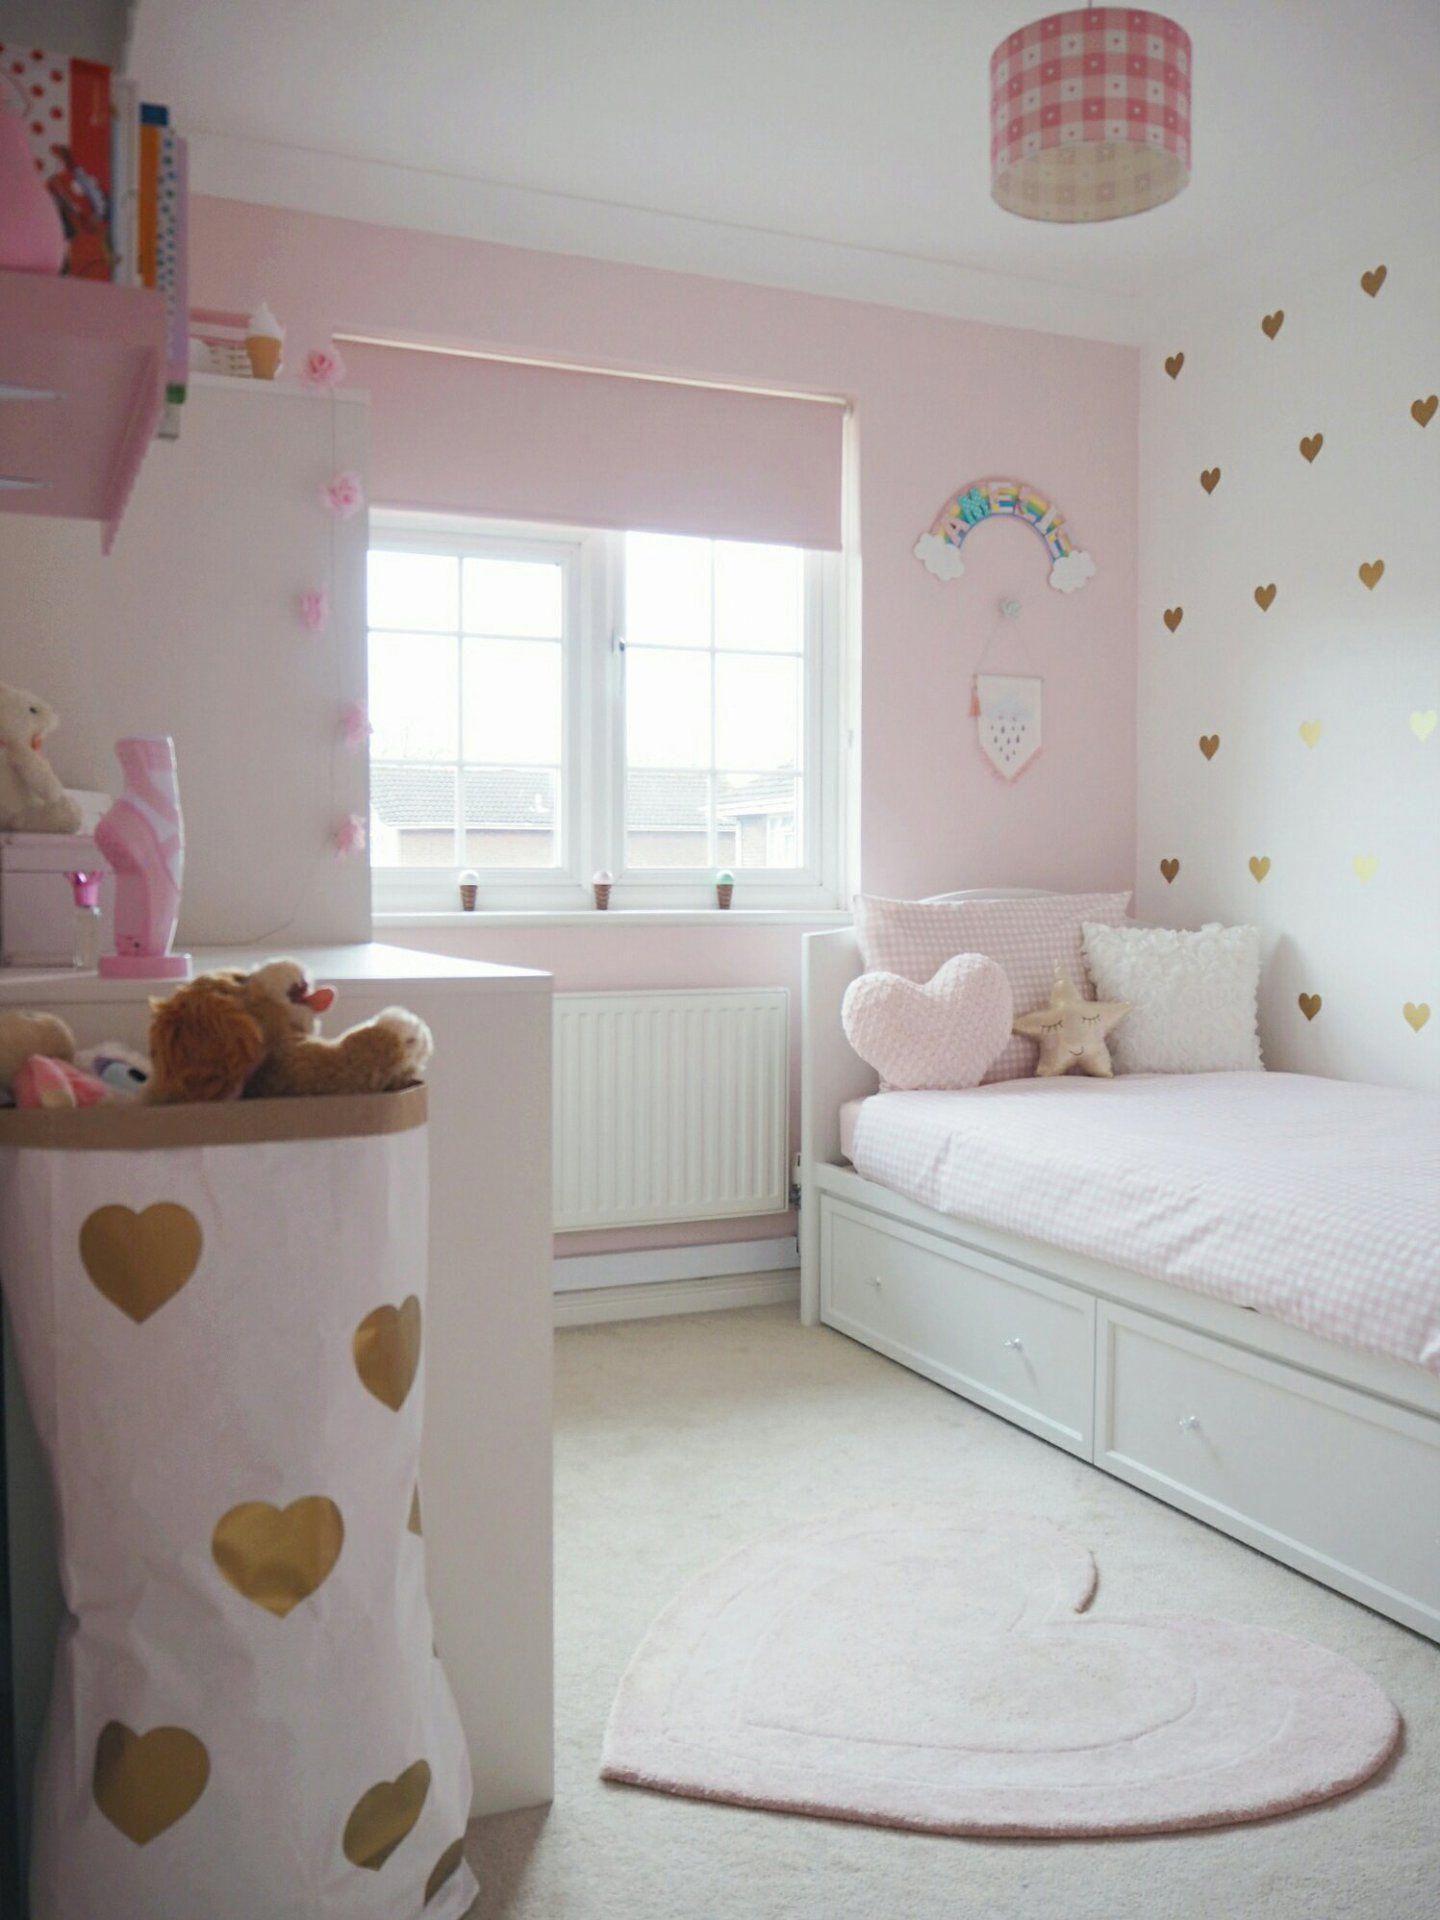 Glam Und Luxus Schlafzimmer Mobel Modernesluxus Interieur Girls Bedroom Themes Girl Bedroom Decor Pink Bedroom